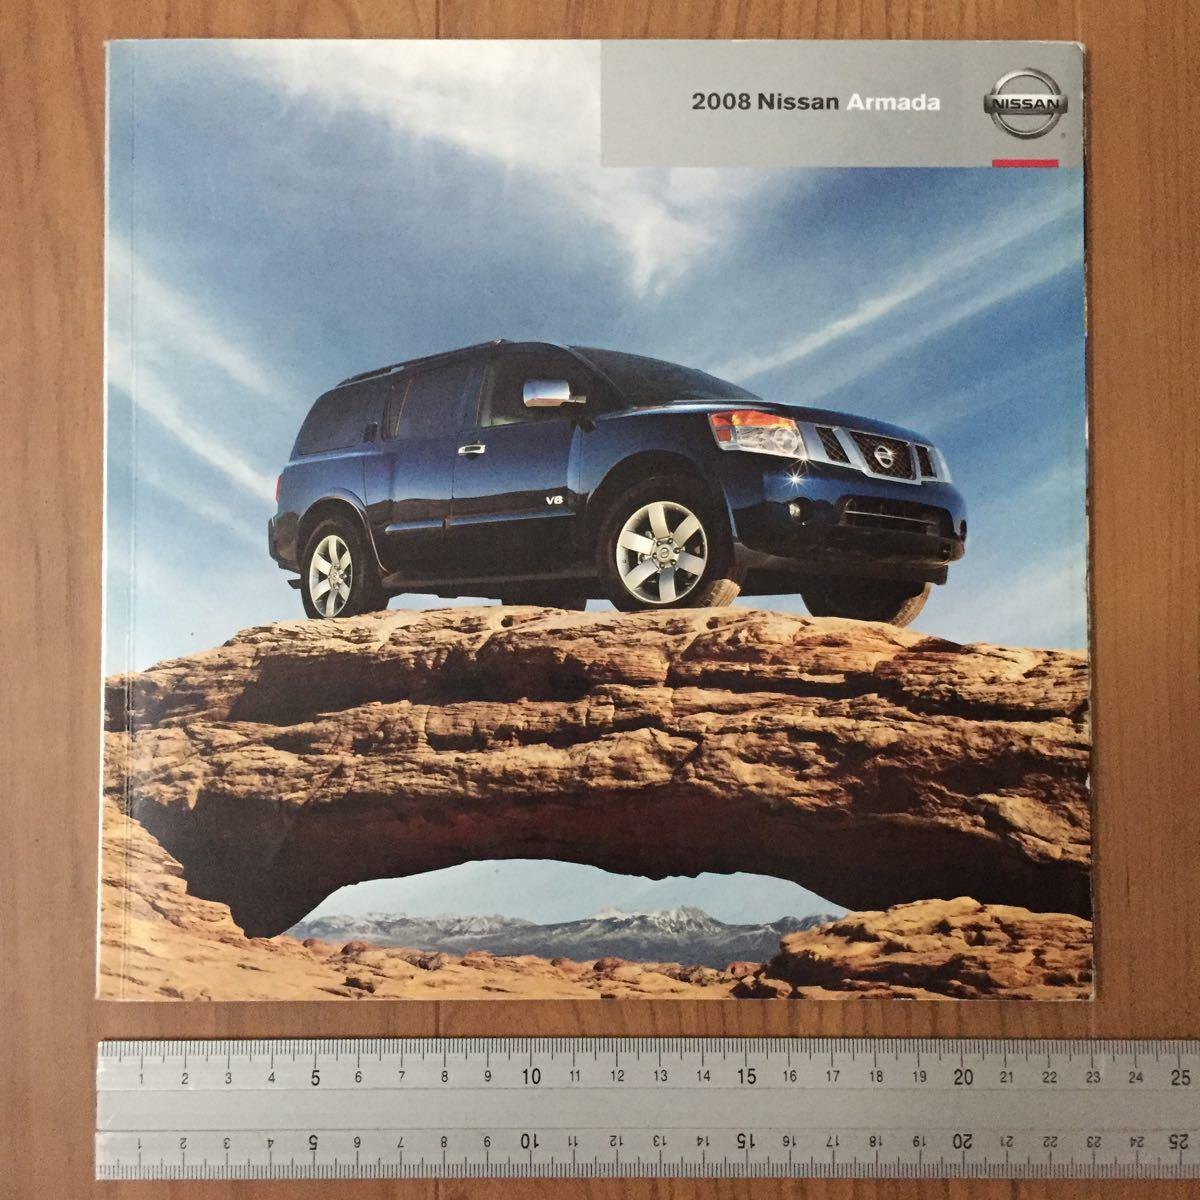 2008 日産 ニッサン アルマーダ Armada アルマダ カタログ USA アメリカ 雑貨 SUV 逆輸入 インフィニティ 広告_画像1